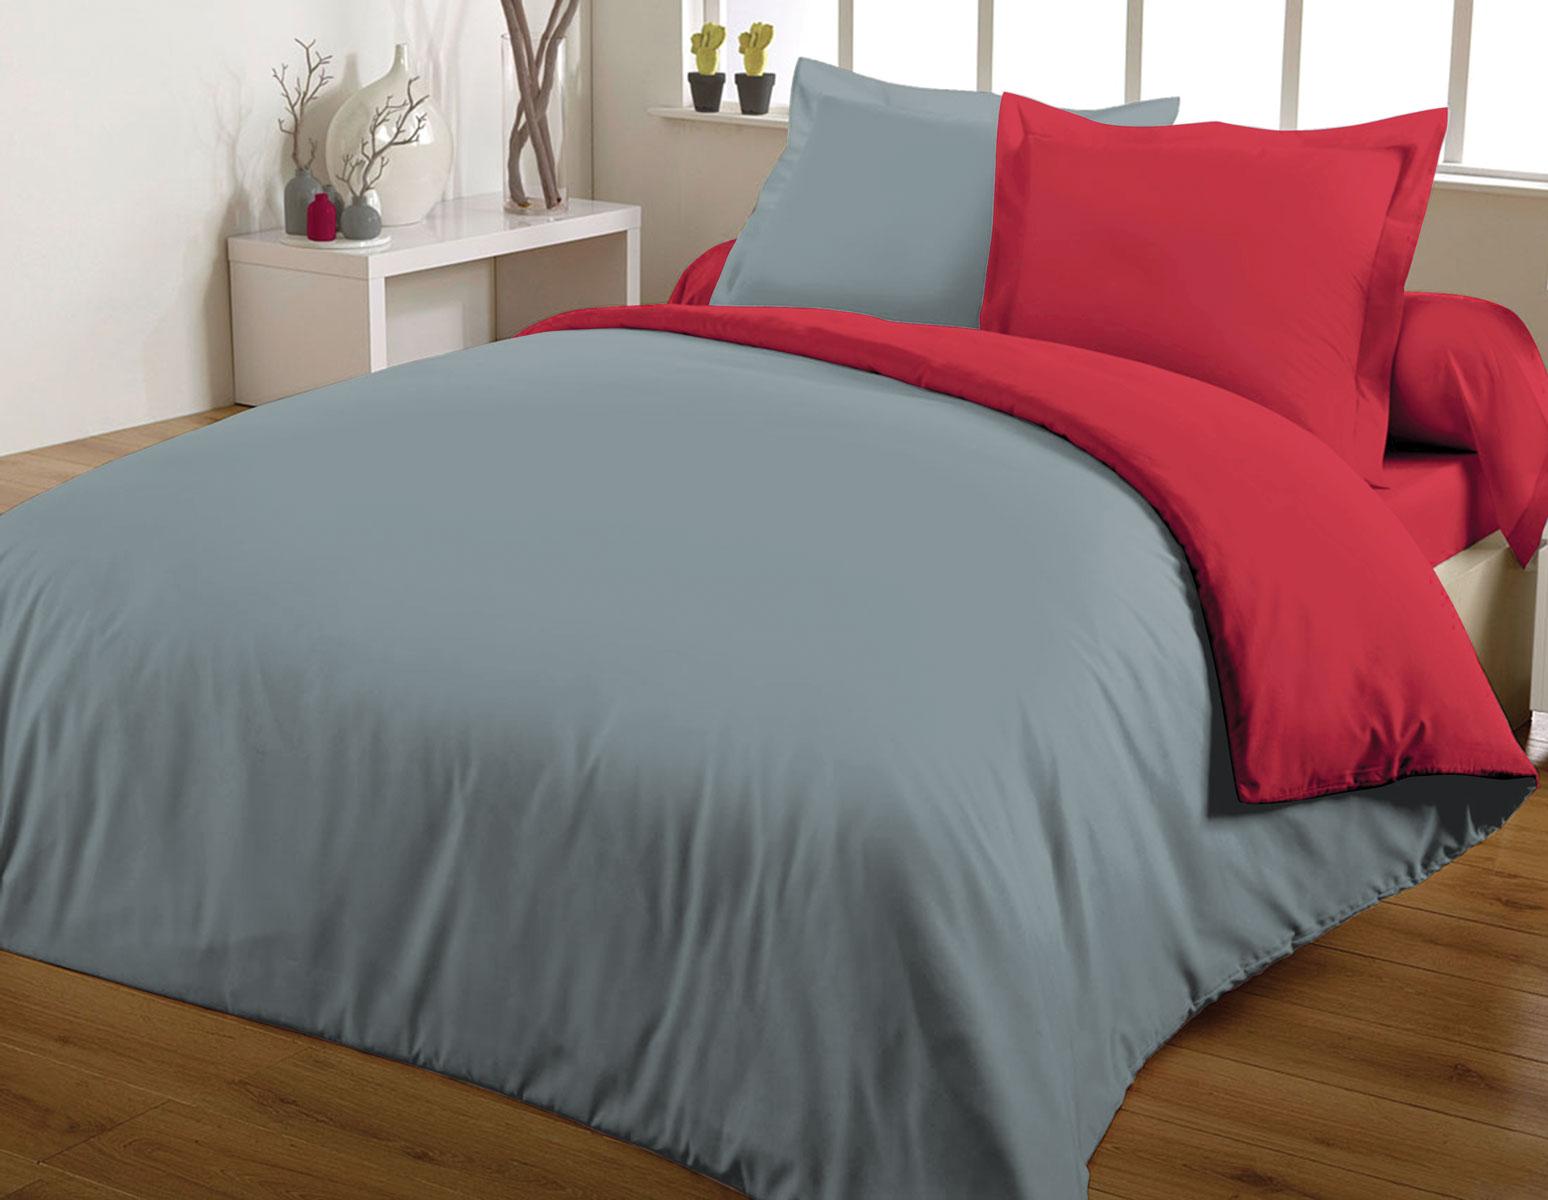 Parure de couette 100% coton 260x240 rouge/gris